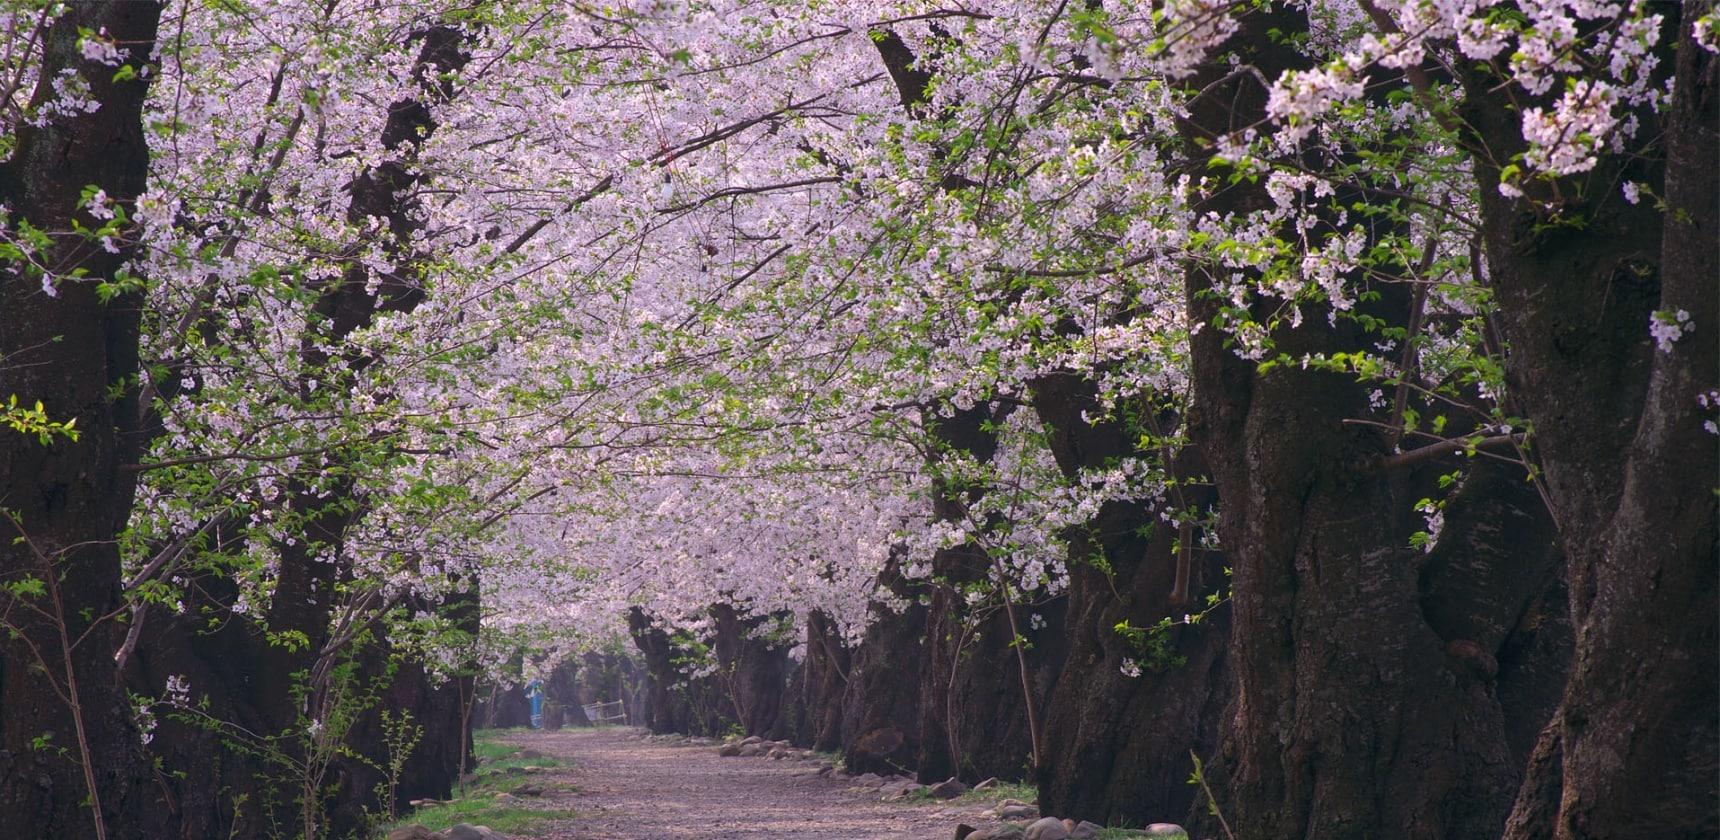 日本赏樱人数Top5的五大赏樱地